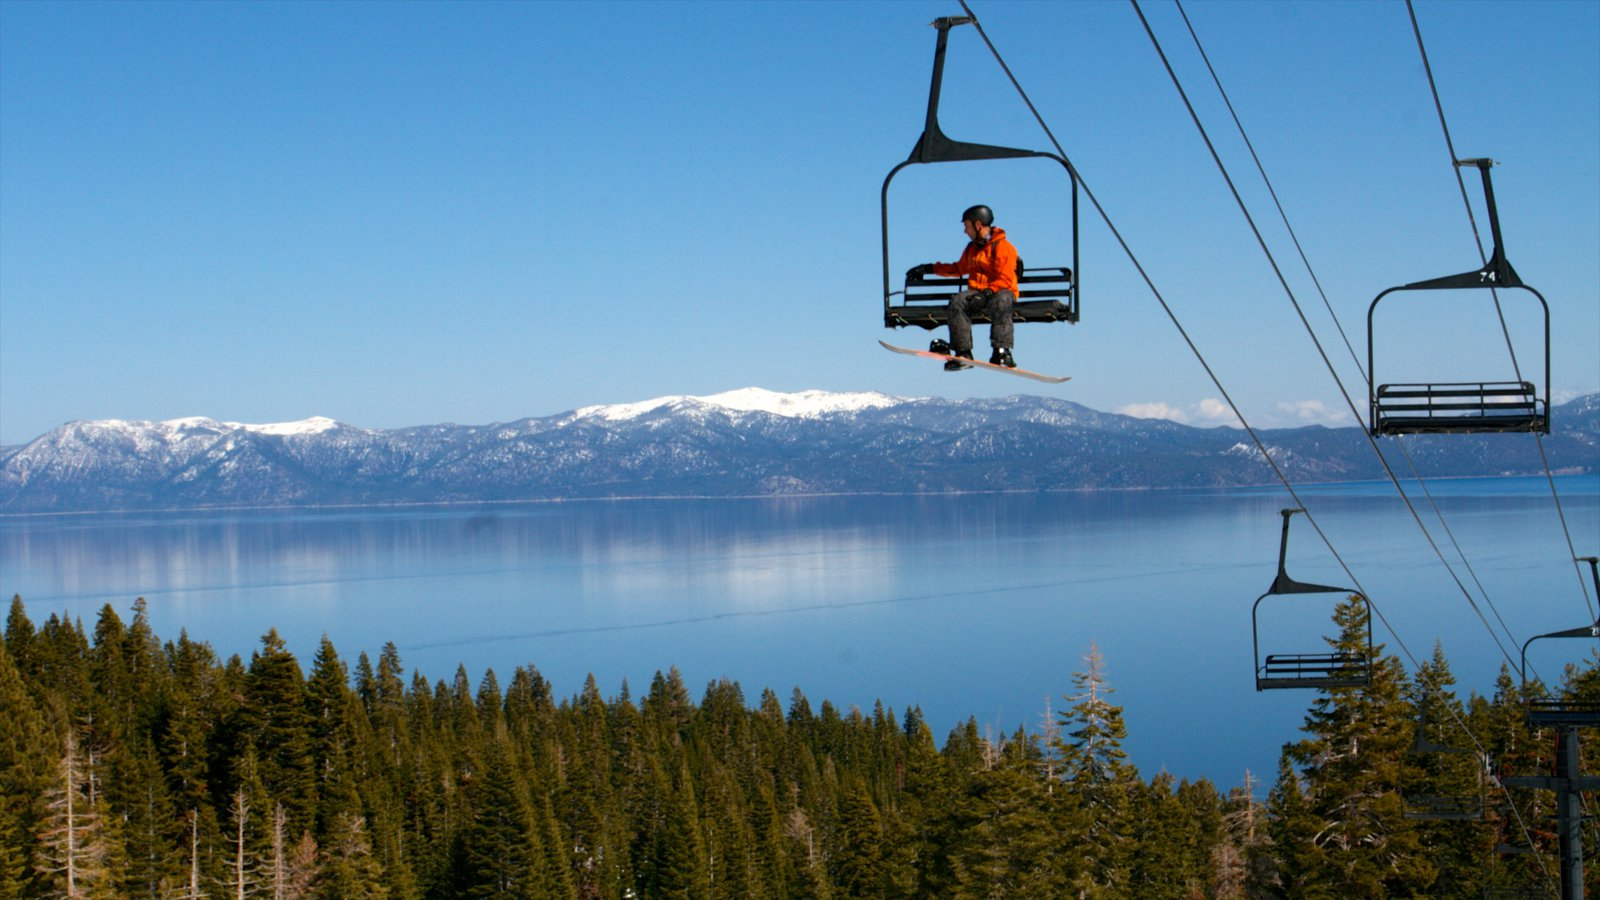 Homewood Mountain Resort caracterizando um lago ou charco, paisagem e esqui na neve